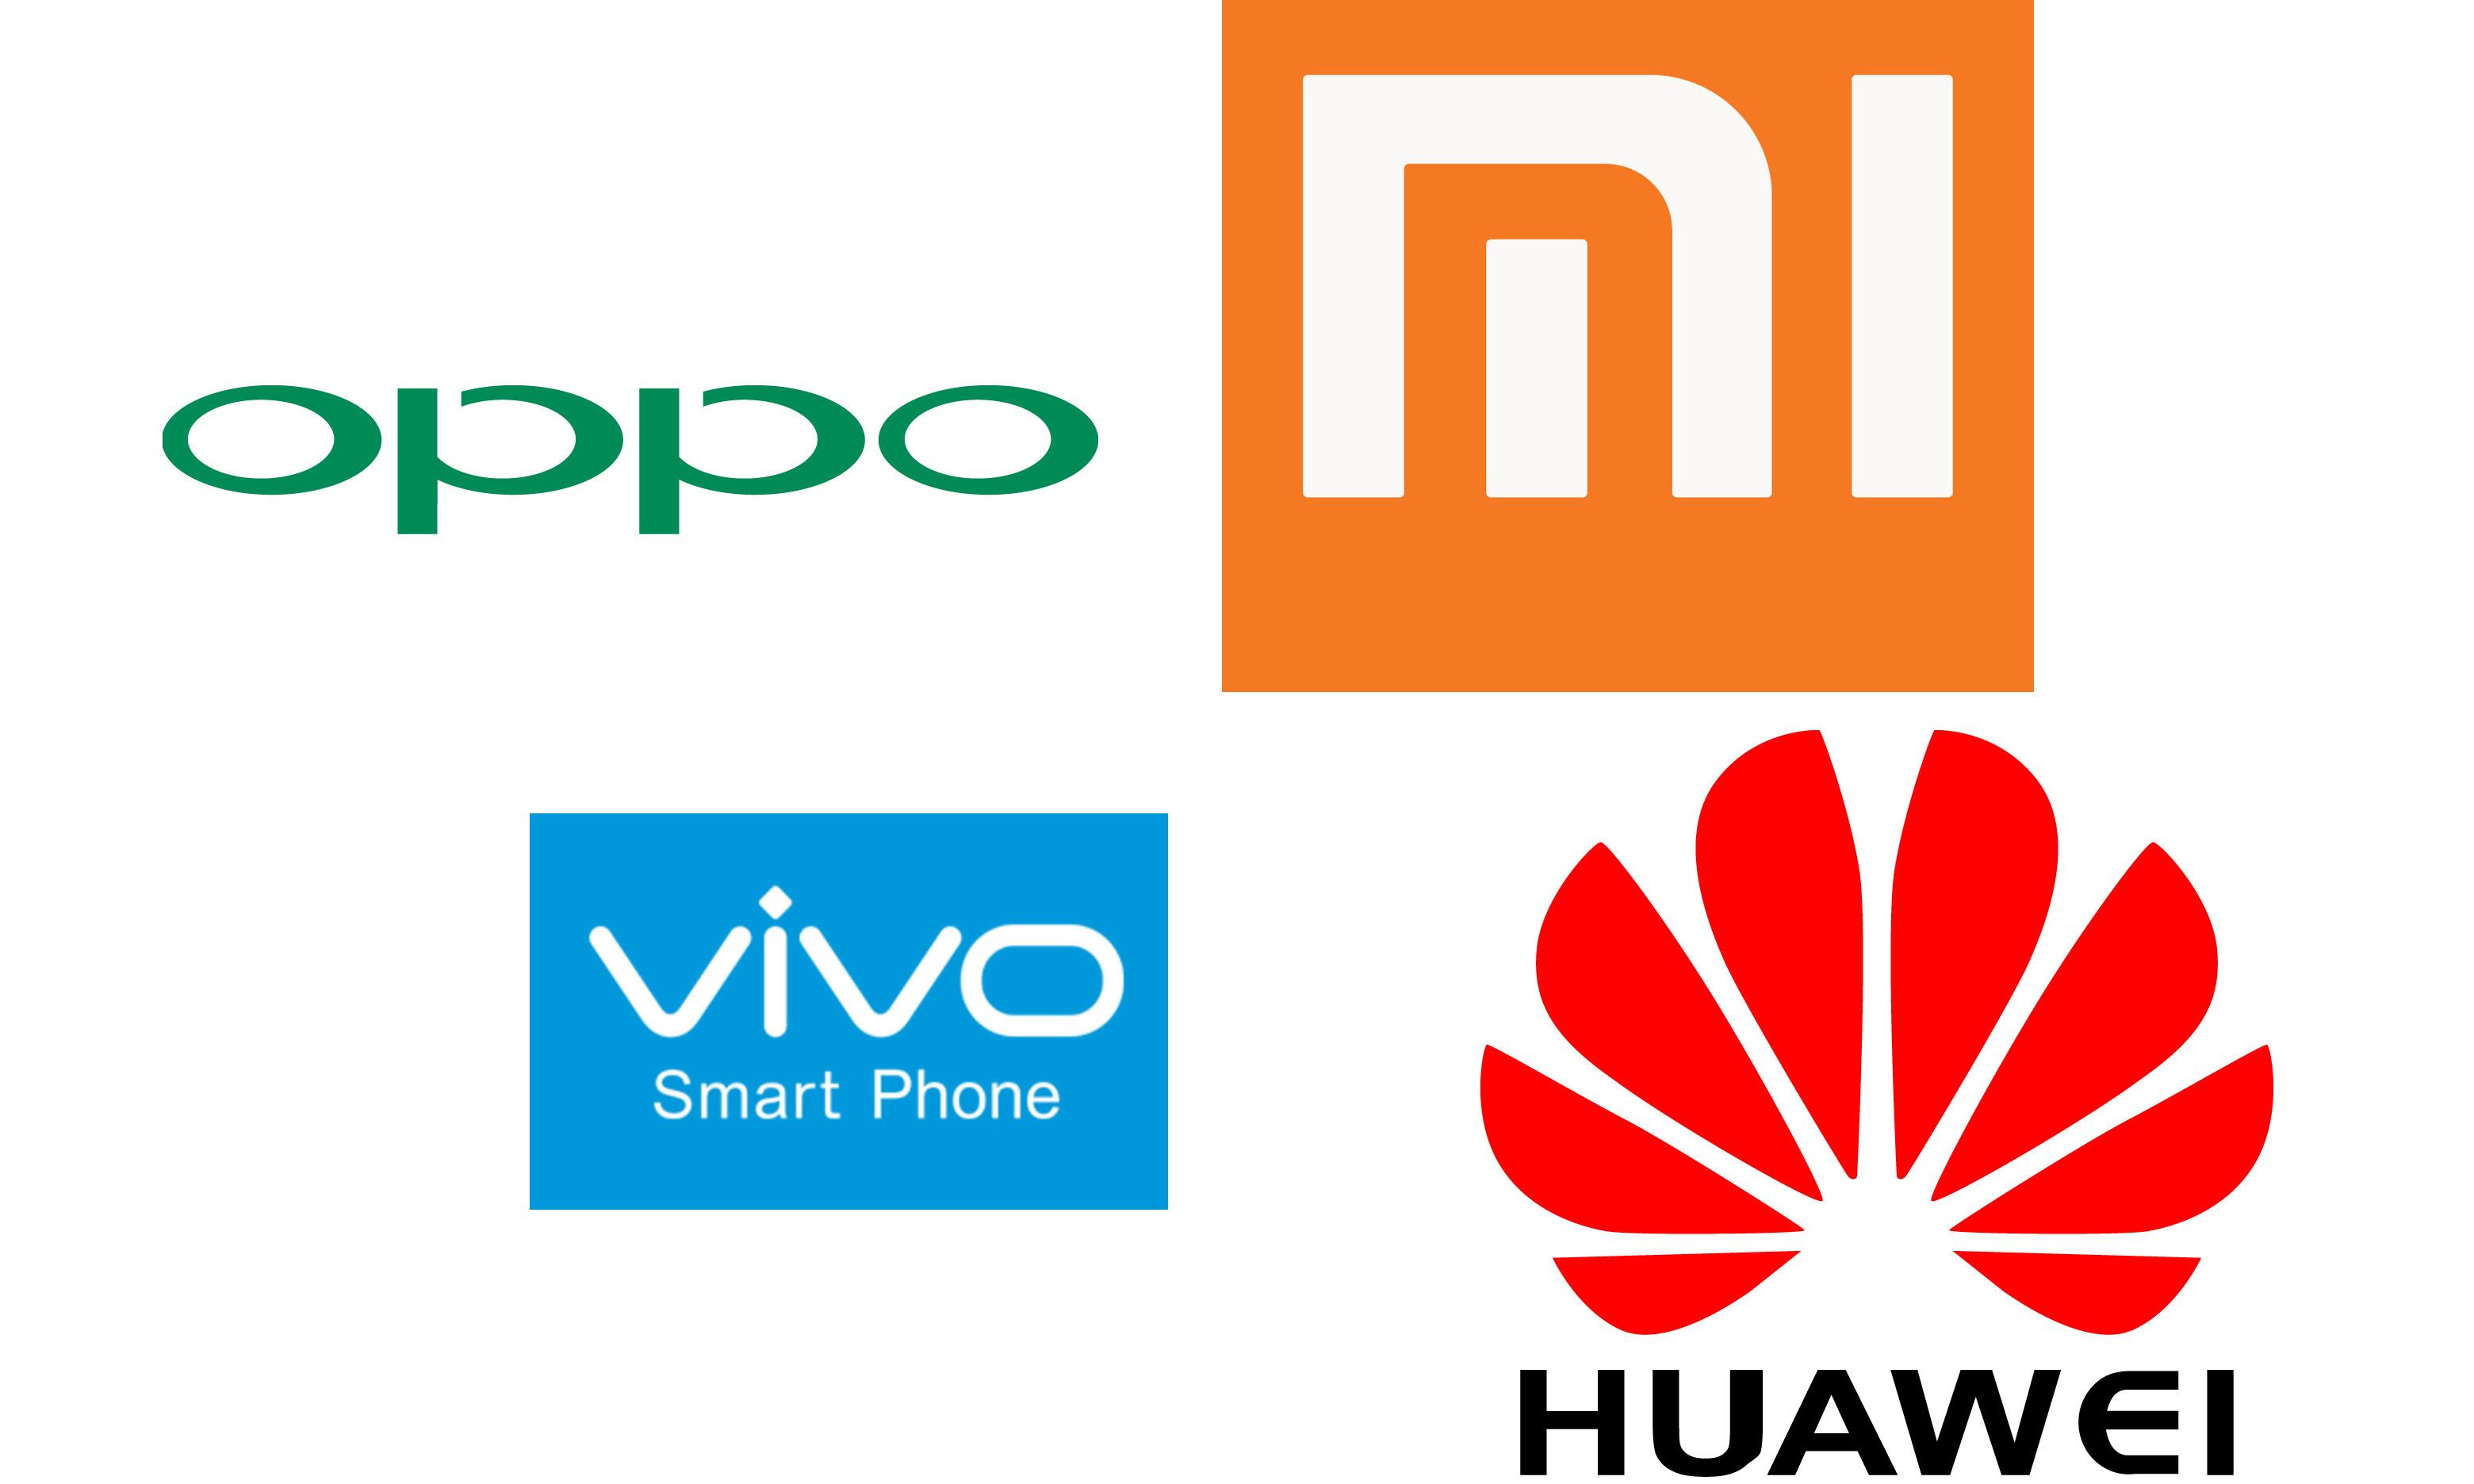 小米手机都是贴牌生产?董明珠声讨小米背后的无知与狭隘